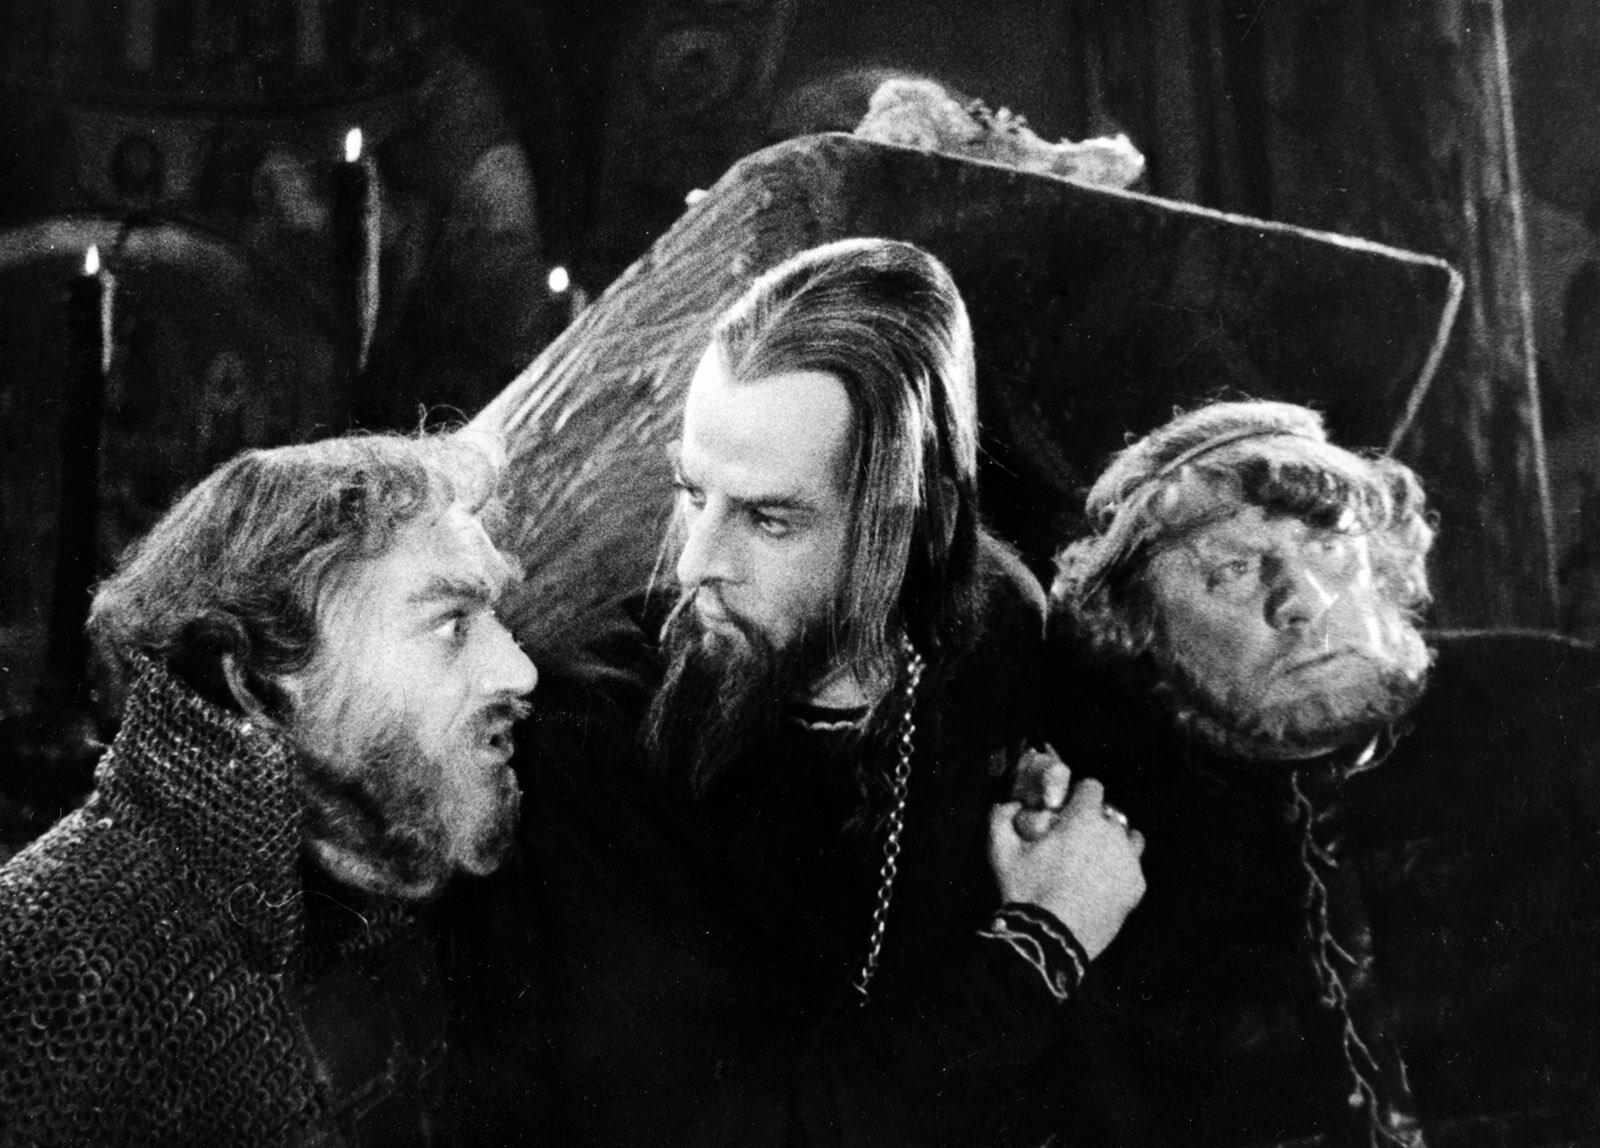 Кадр из фильма «Иван Грозный». Режиссер С. Эйзенштейн. 1945 год